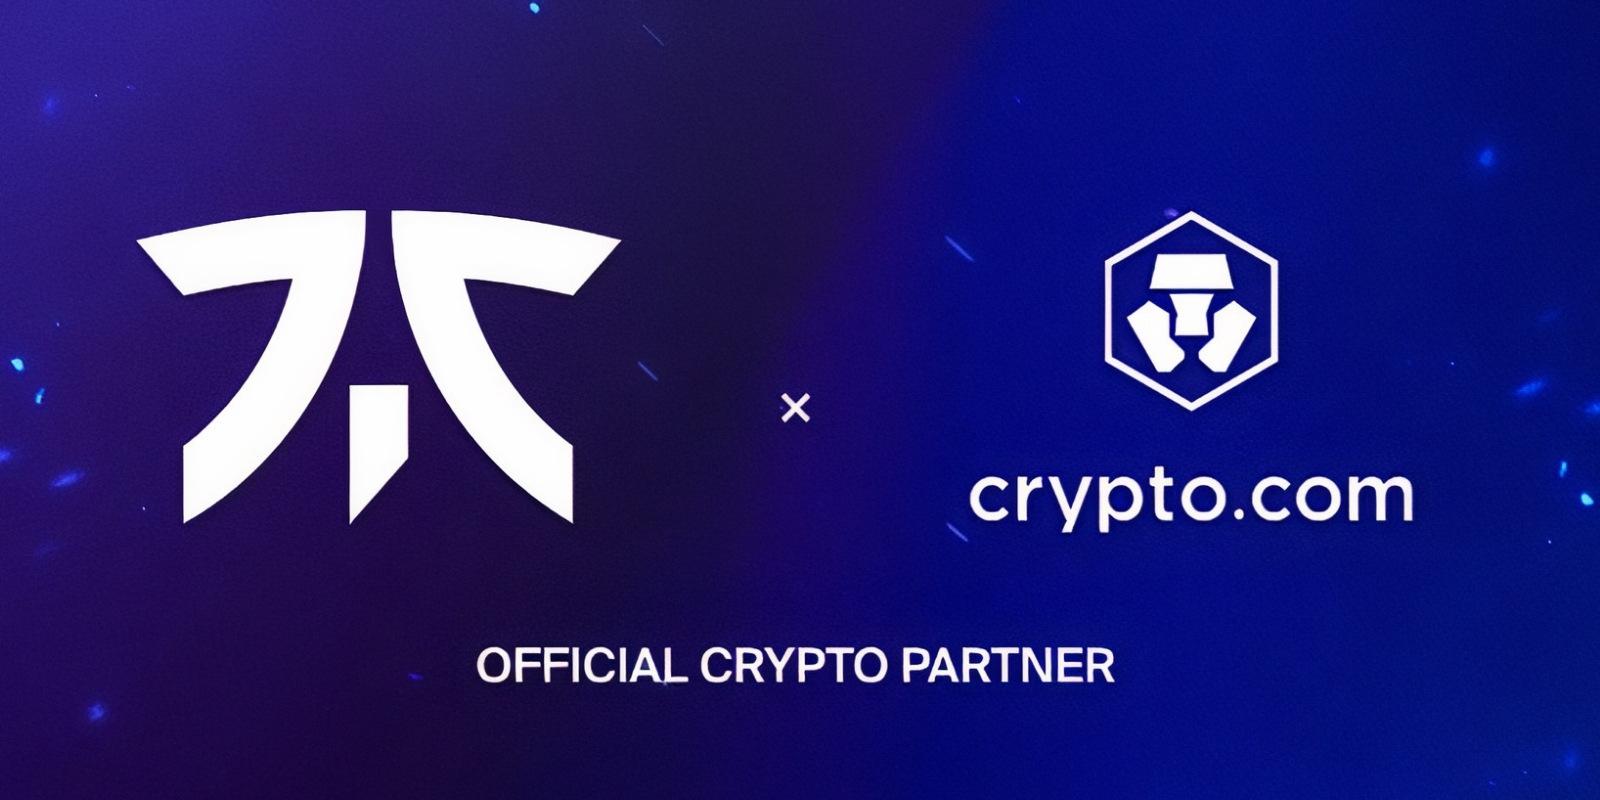 Crypto.com (CRO) débarque dans l'e-sport en s'offrant un partenariat avec Fnatic